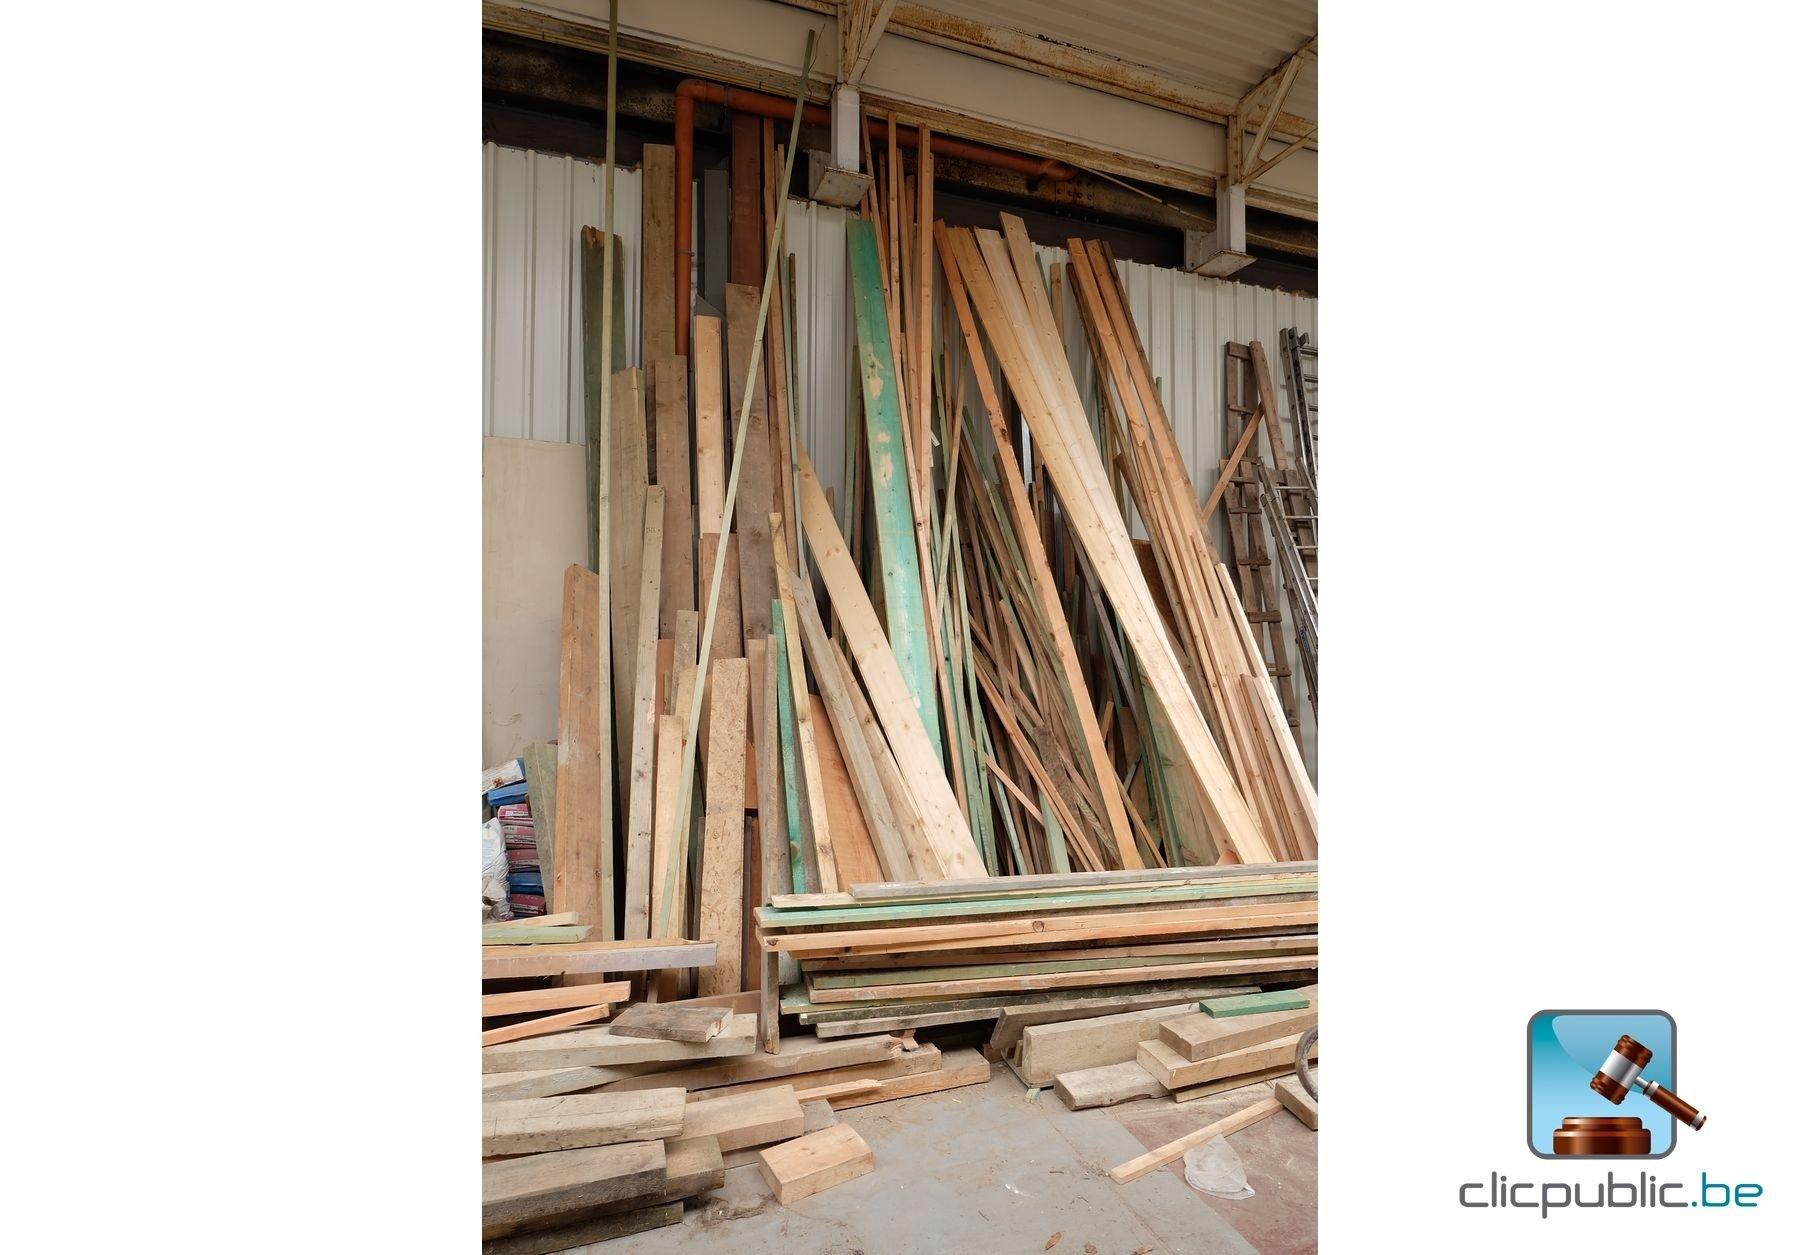 Vente Bois Menuiserie - Bois de charpente (ref 47)à vendre sur clicpublic be